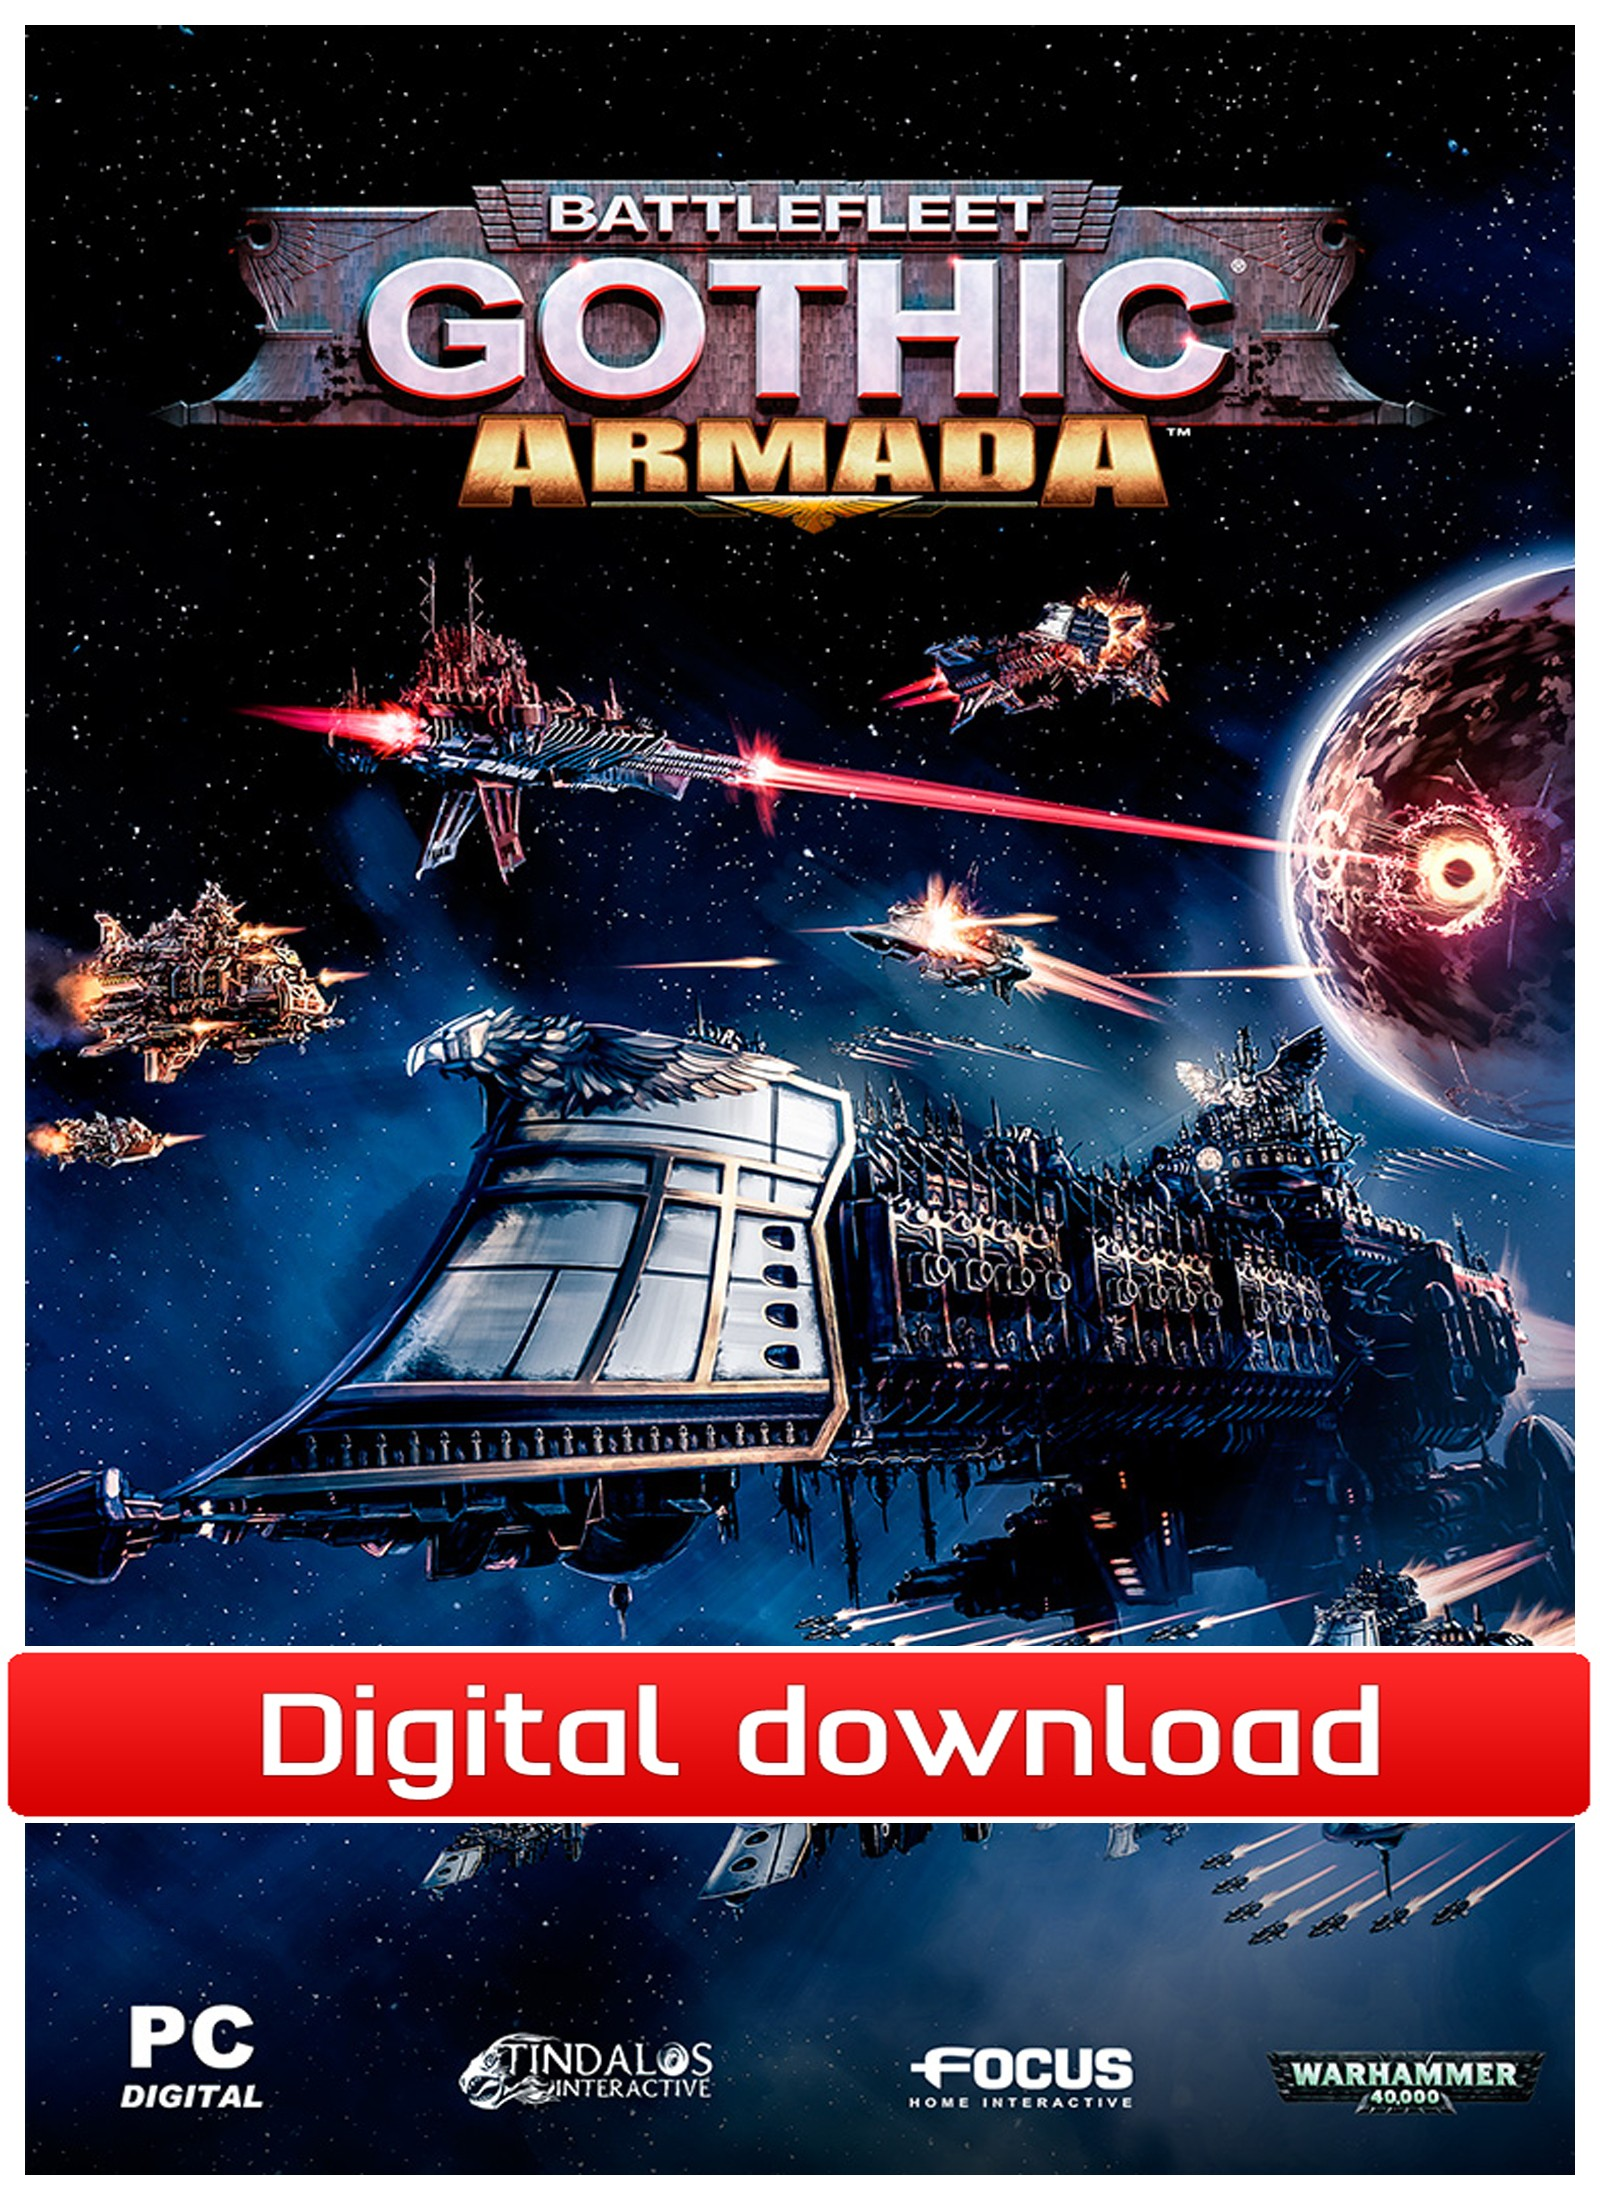 38767 : BattleFleet Gothic: Armada (PC nedlastning)